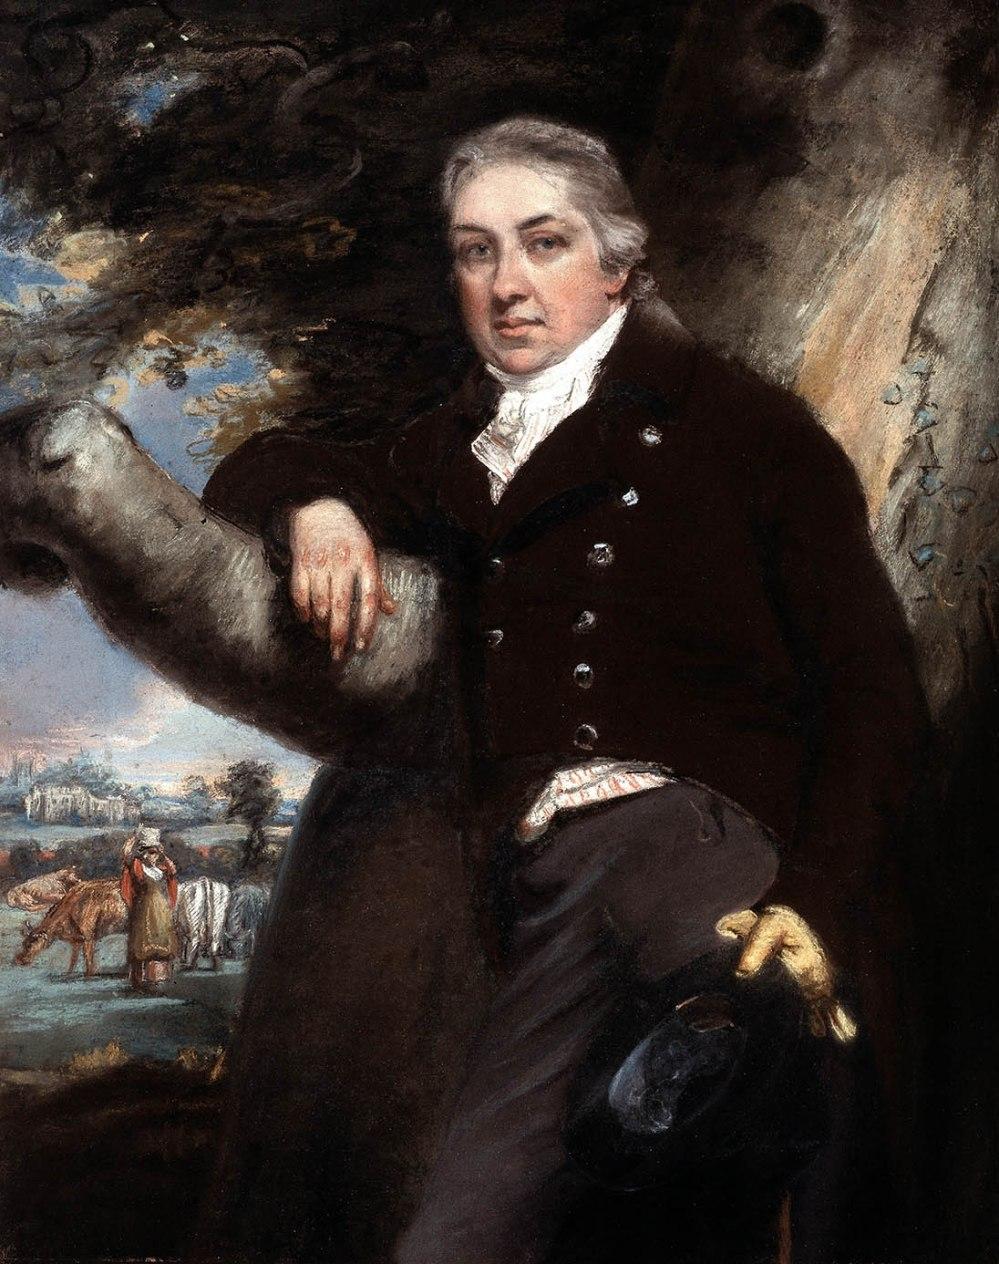 John Raphael Smith. Edward Jenner. Siglo XVIII. Colección Particular.